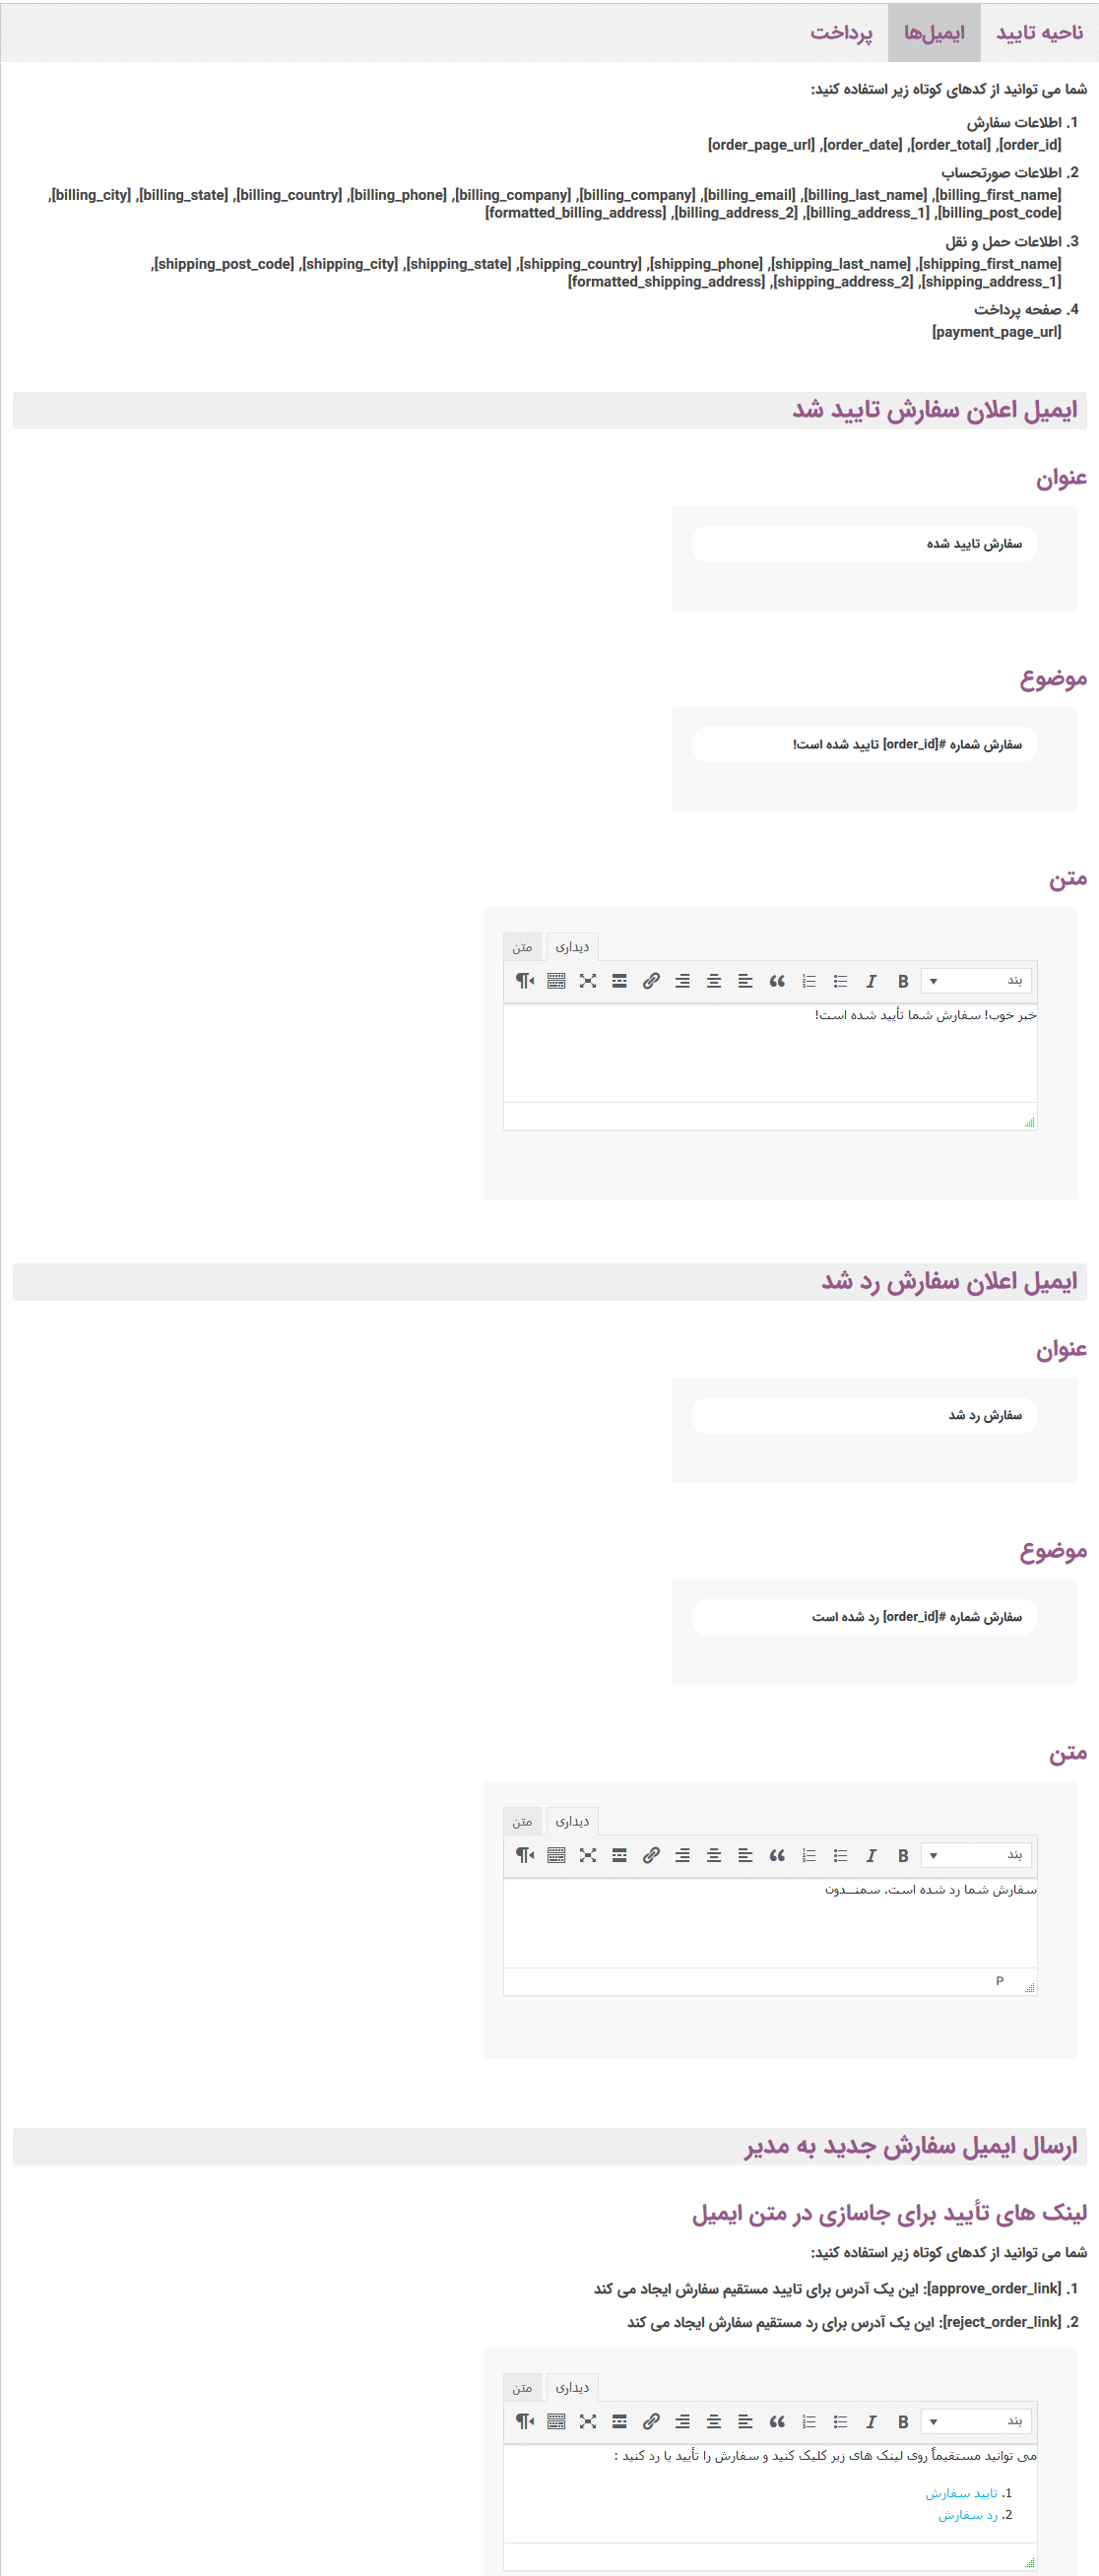 سفارشی سازی متن های ایمیل اطلاع رسانی